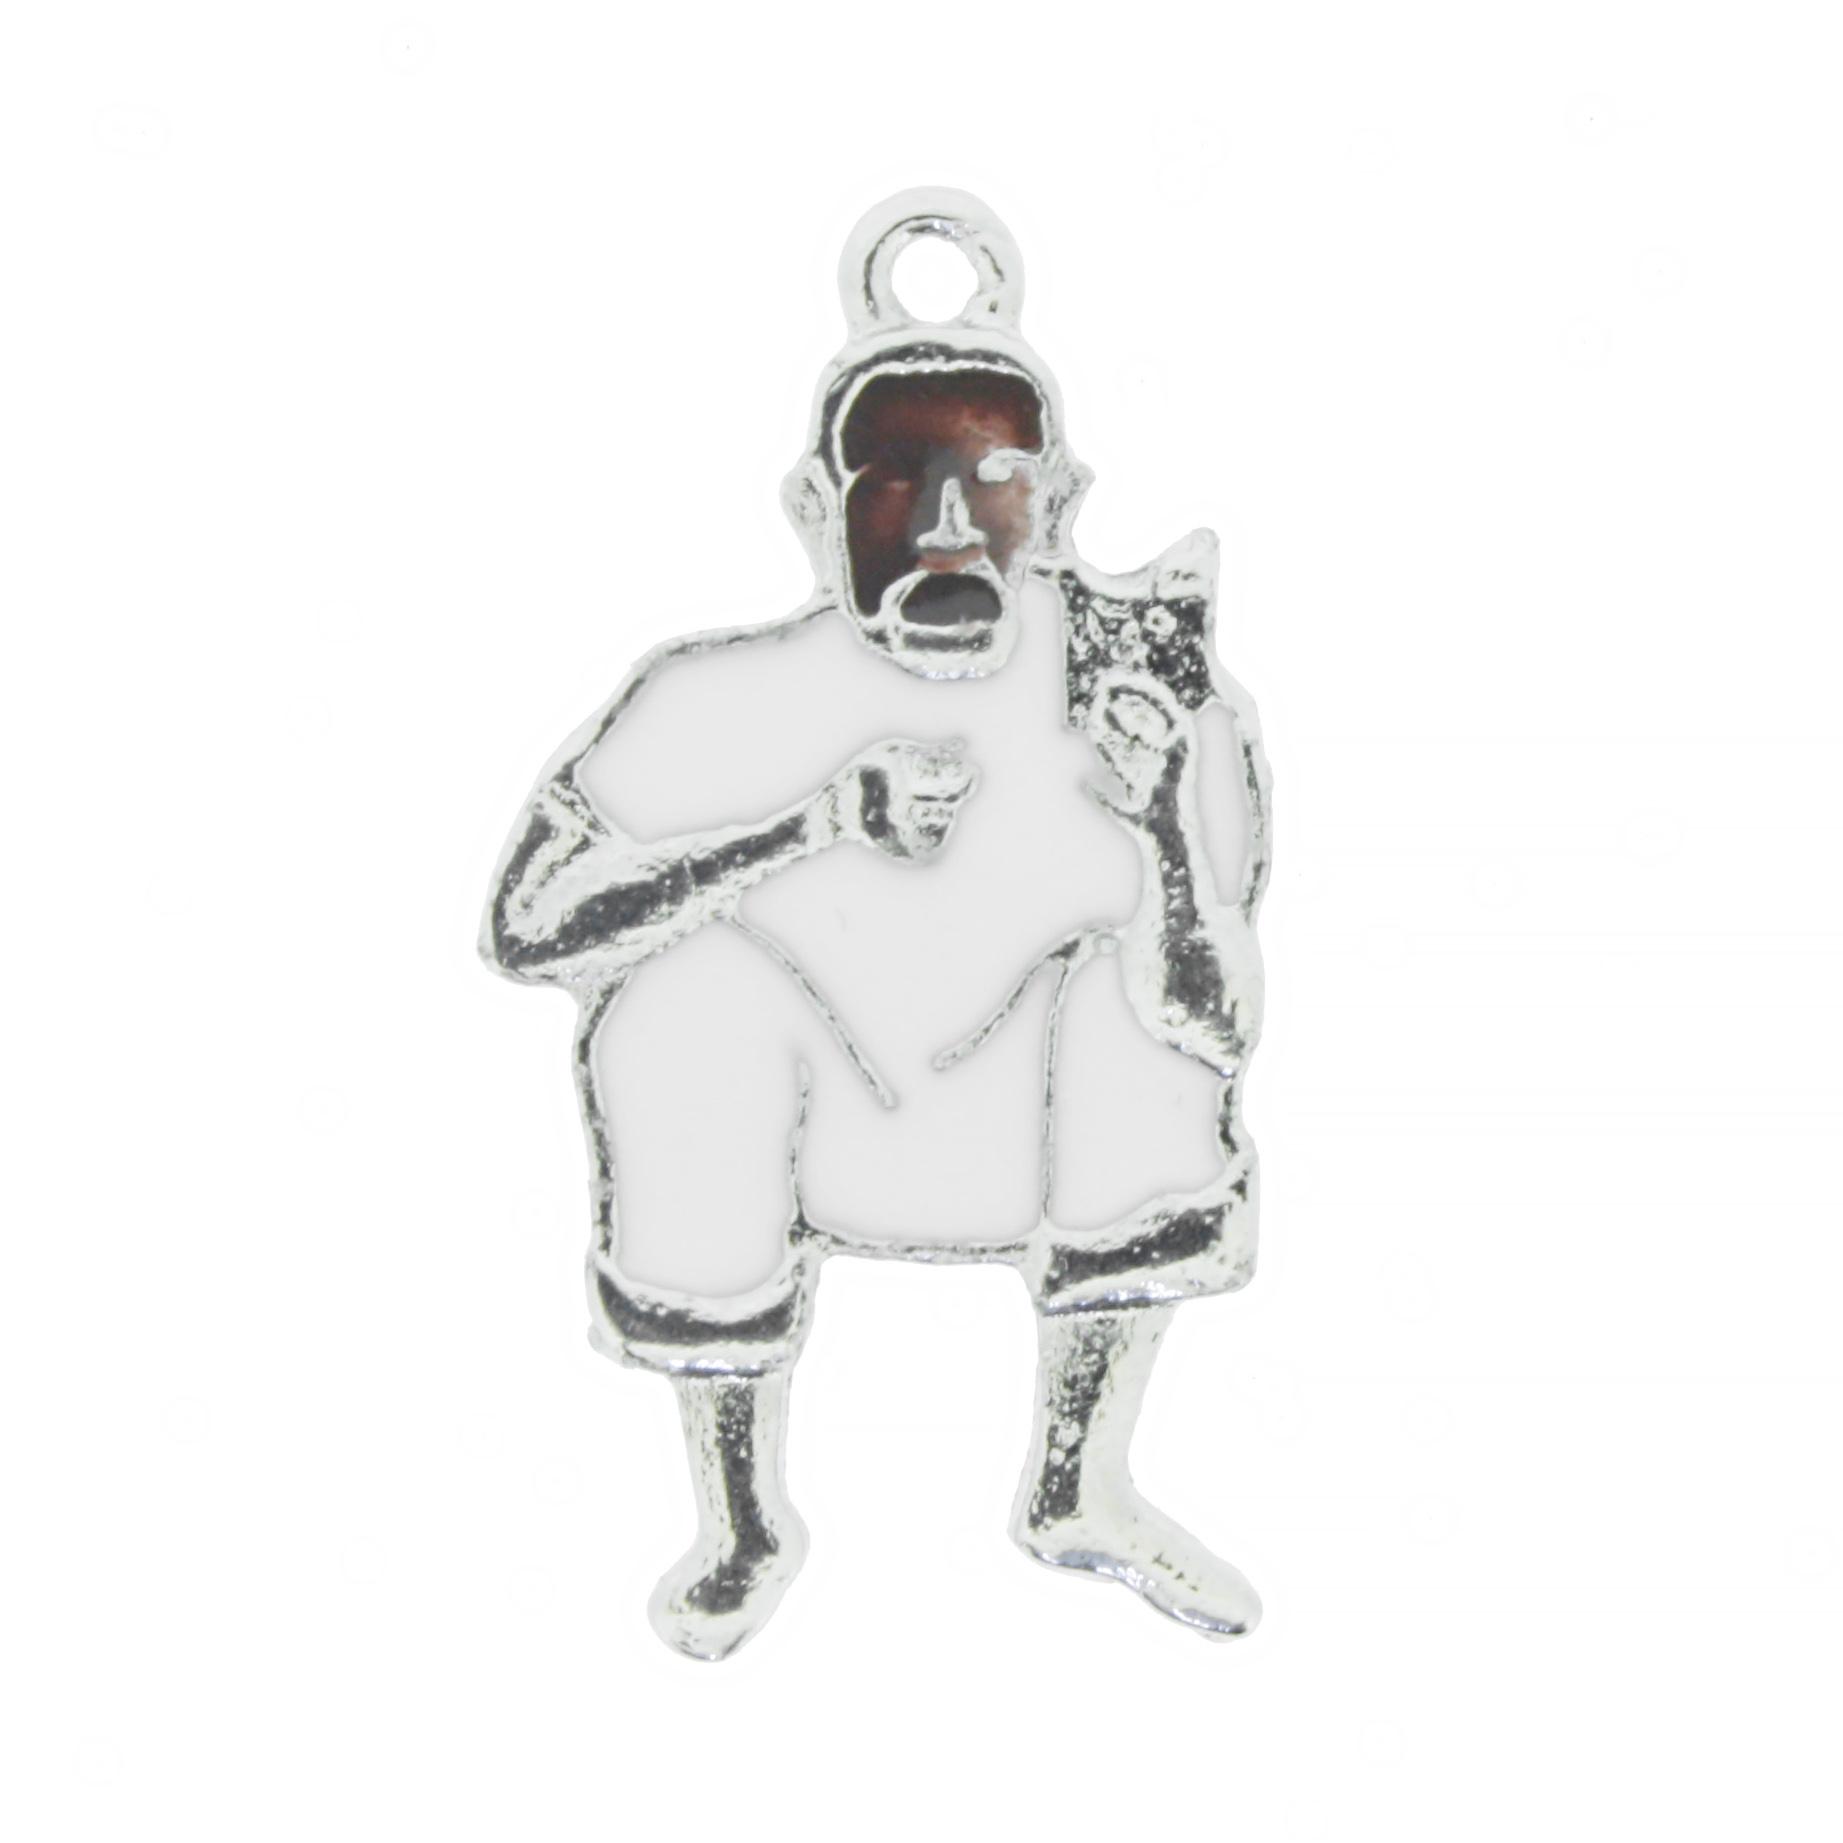 Preto Velho - Níquel e Resina Branca - 30mm  - Universo Religioso® - Artigos de Umbanda e Candomblé